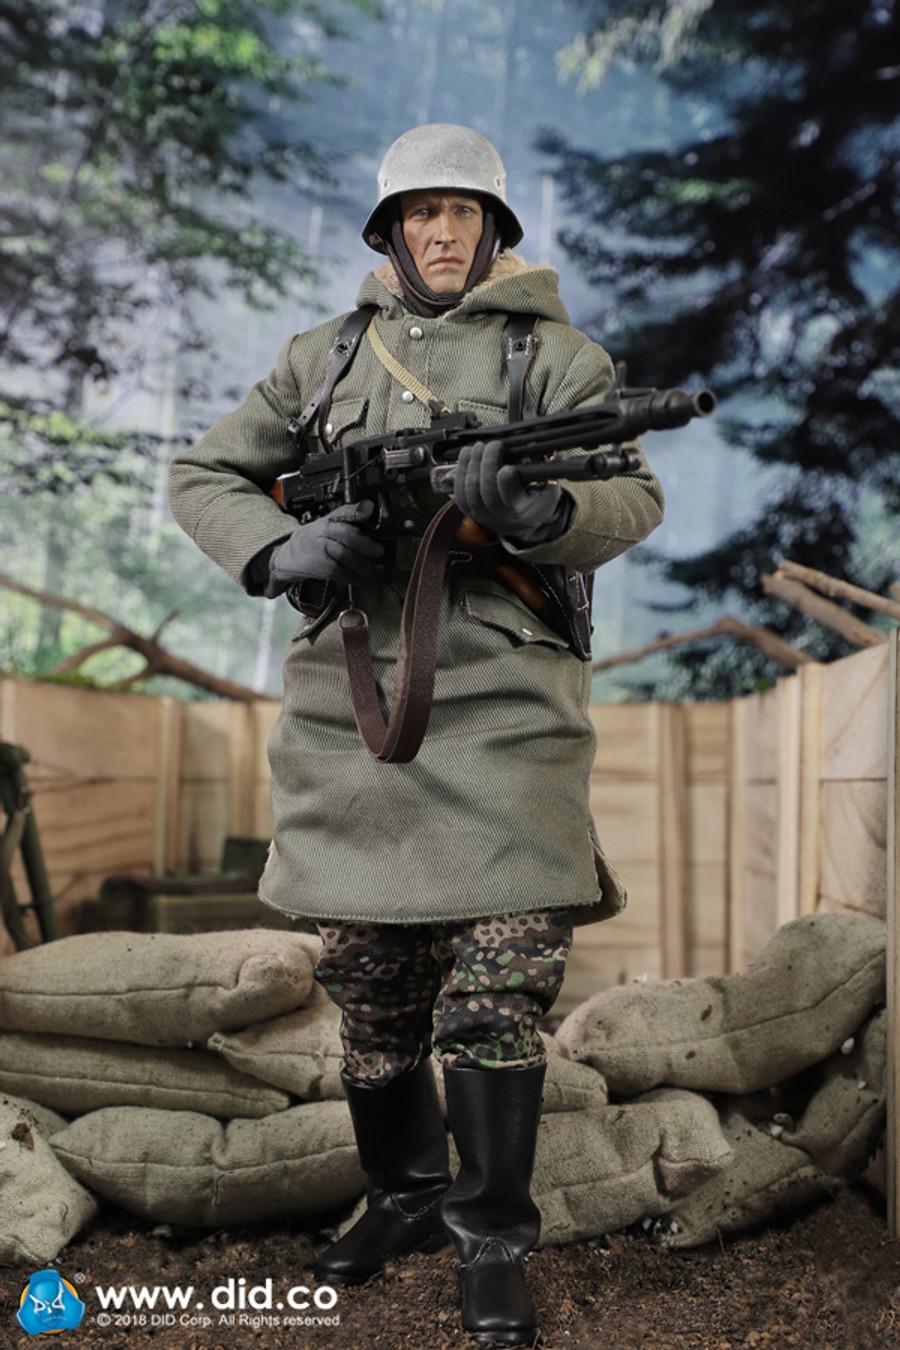 DID - SS-Panzer-Division Das Reich MG42 Gunner A - Dustin